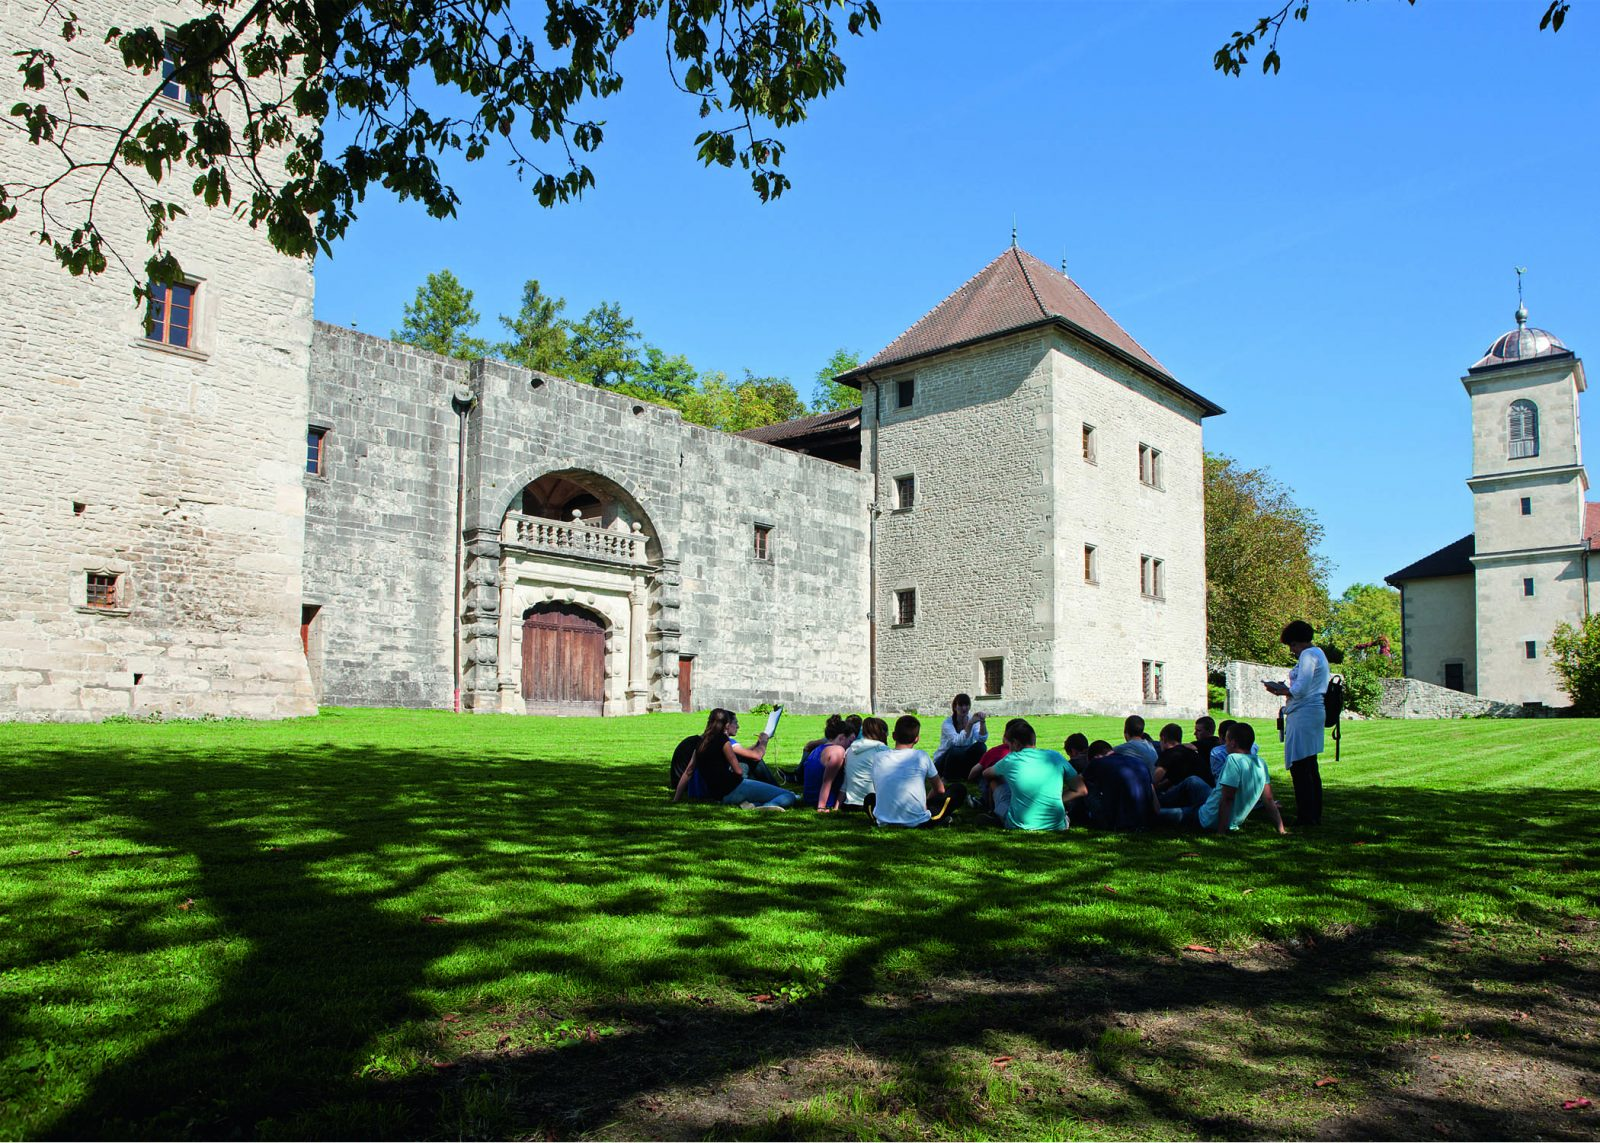 Clermont castle